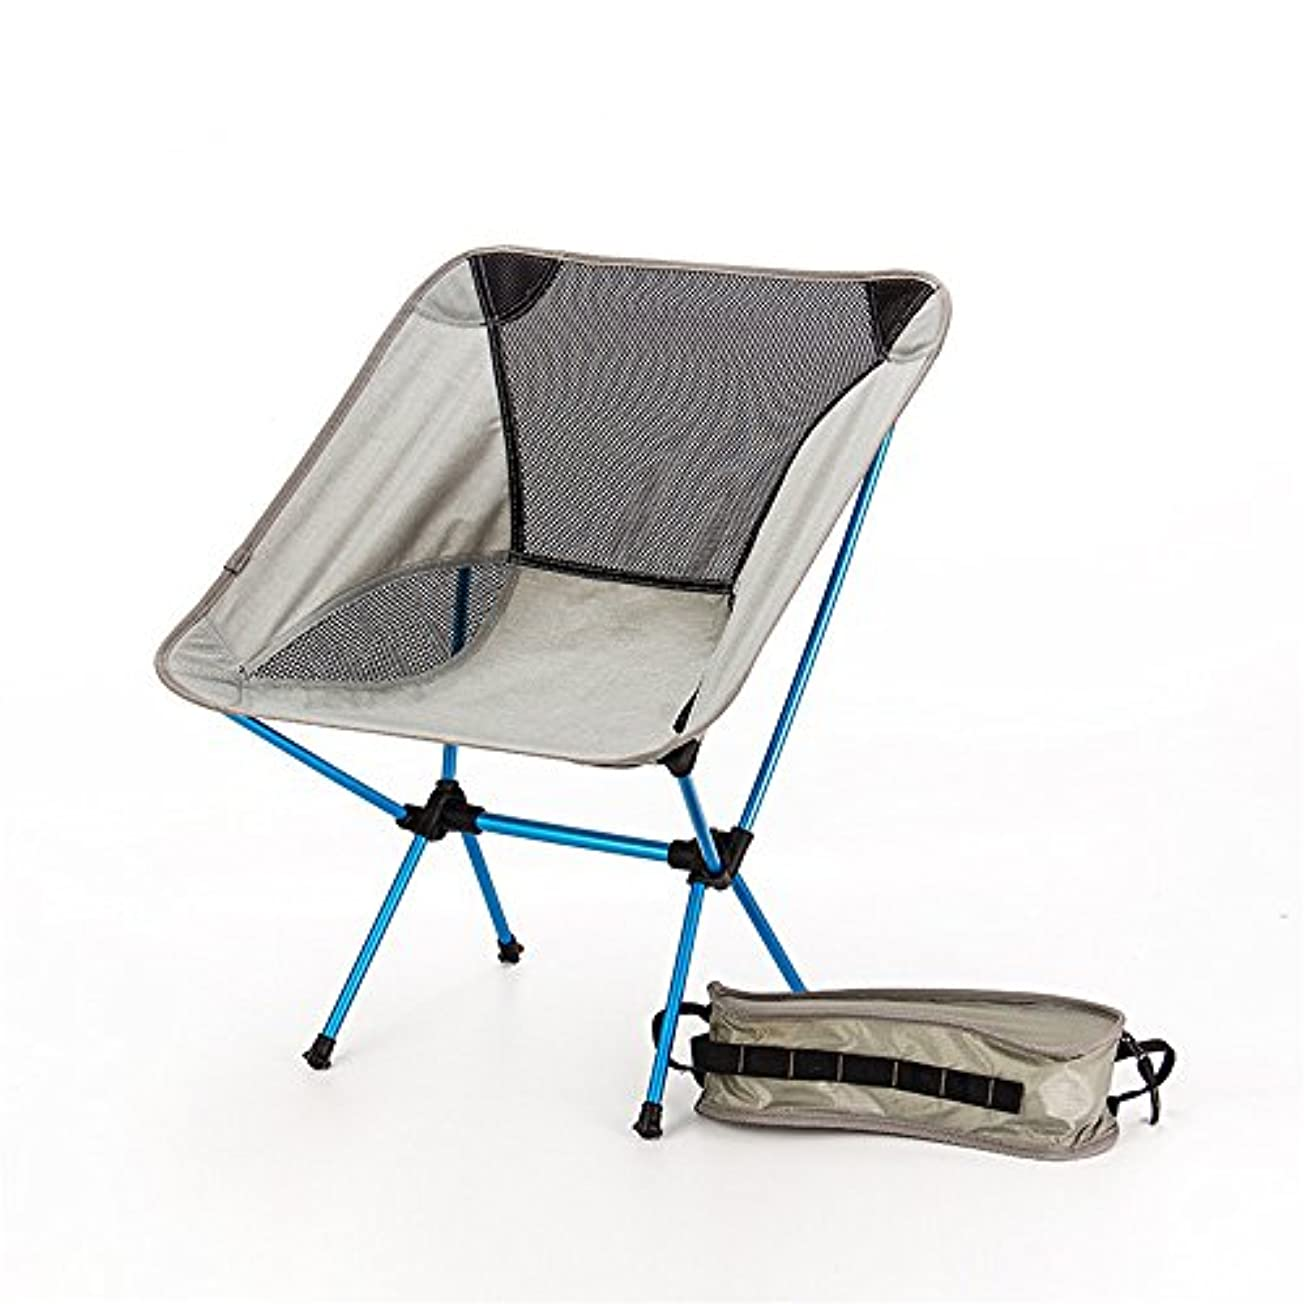 扇動する極貧宗教的なアウトドアキャンプ航空アルミ合金折りたたみ釣り椅子用キャンプ釣り旅行ハイキングピクニックビーチ アウトドア キャンプ用